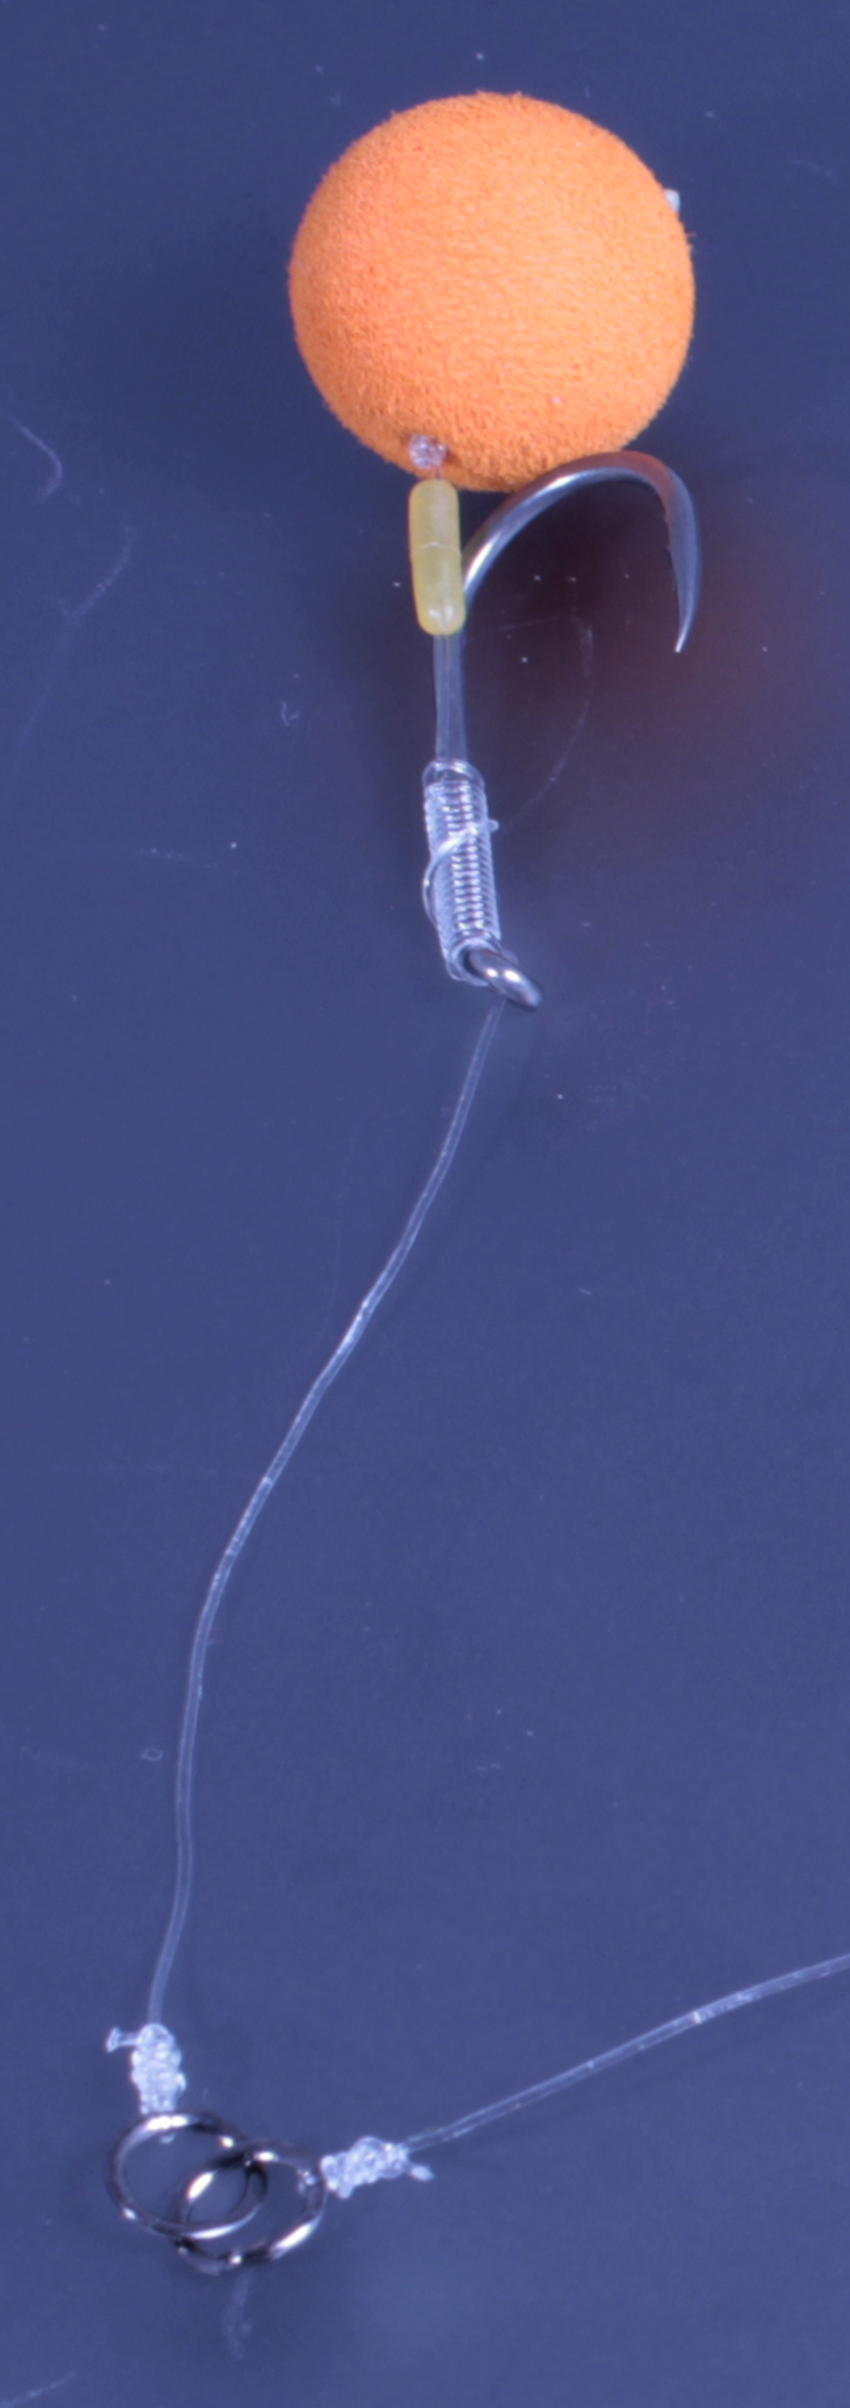 Поводок на щуку из флюрокарбона своими руками: пошаговая инструкция 71